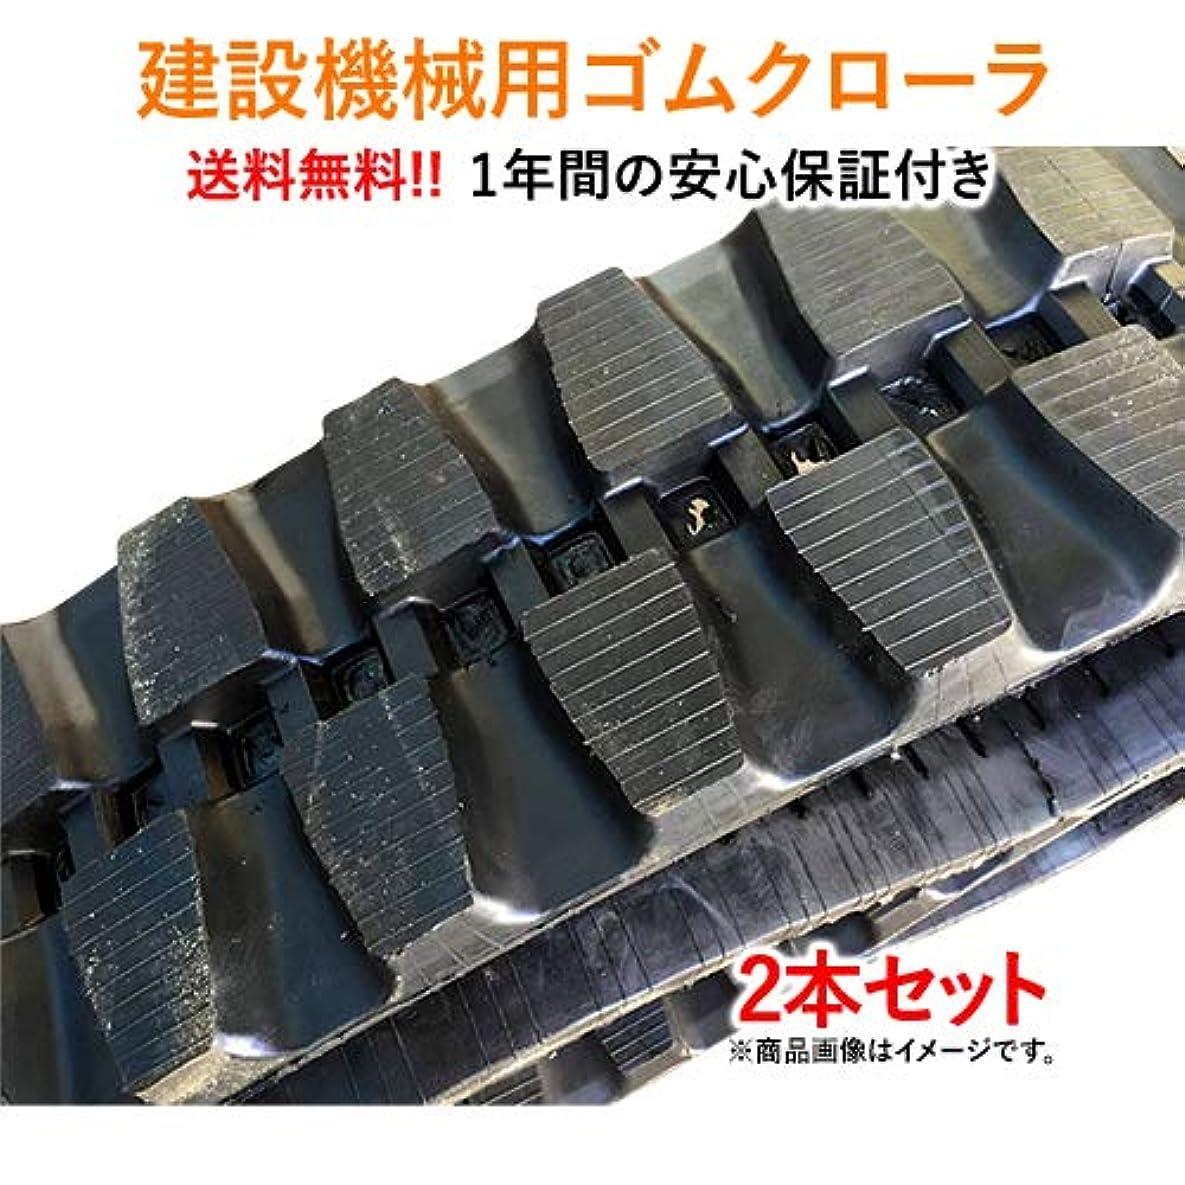 泳ぐコミットメントナイロン東日興産 クボタゴムクローラー K-030 300x52.5x80 純正サイズ=300x109x39 建設機械用 2本セット